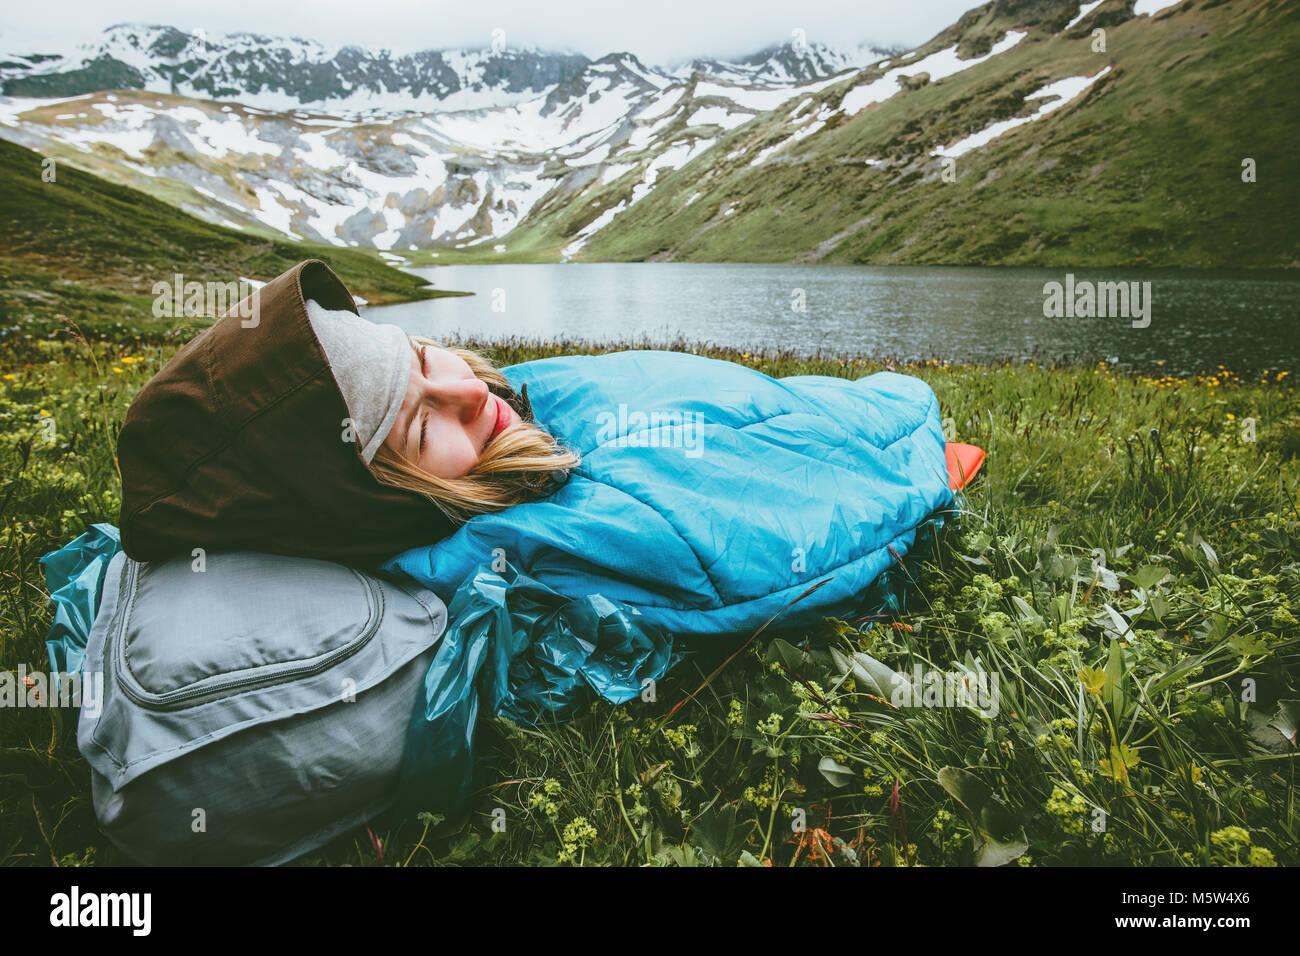 Woman relaxing in sac de couchage portant sur l'herbe profitant du paysage du lac et des montagnes de vie voyage Photo Stock